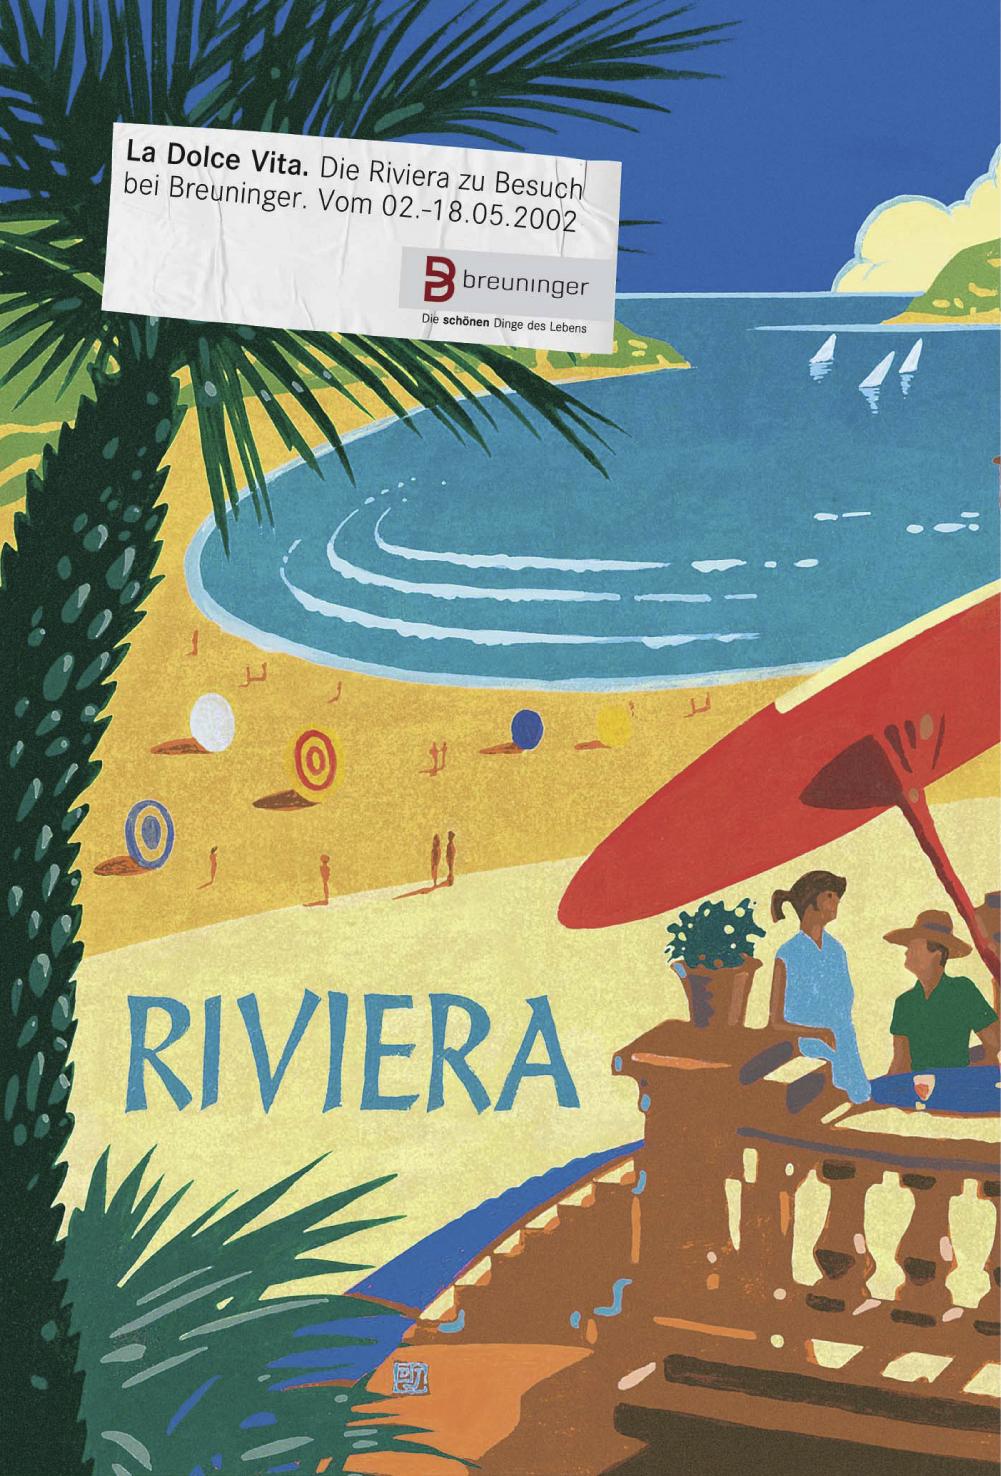 Breuninger Plakat 2: La Dolce Vita - Die Riviera zu Besuch bei Breuninger. Vom 02.-18.05.2002